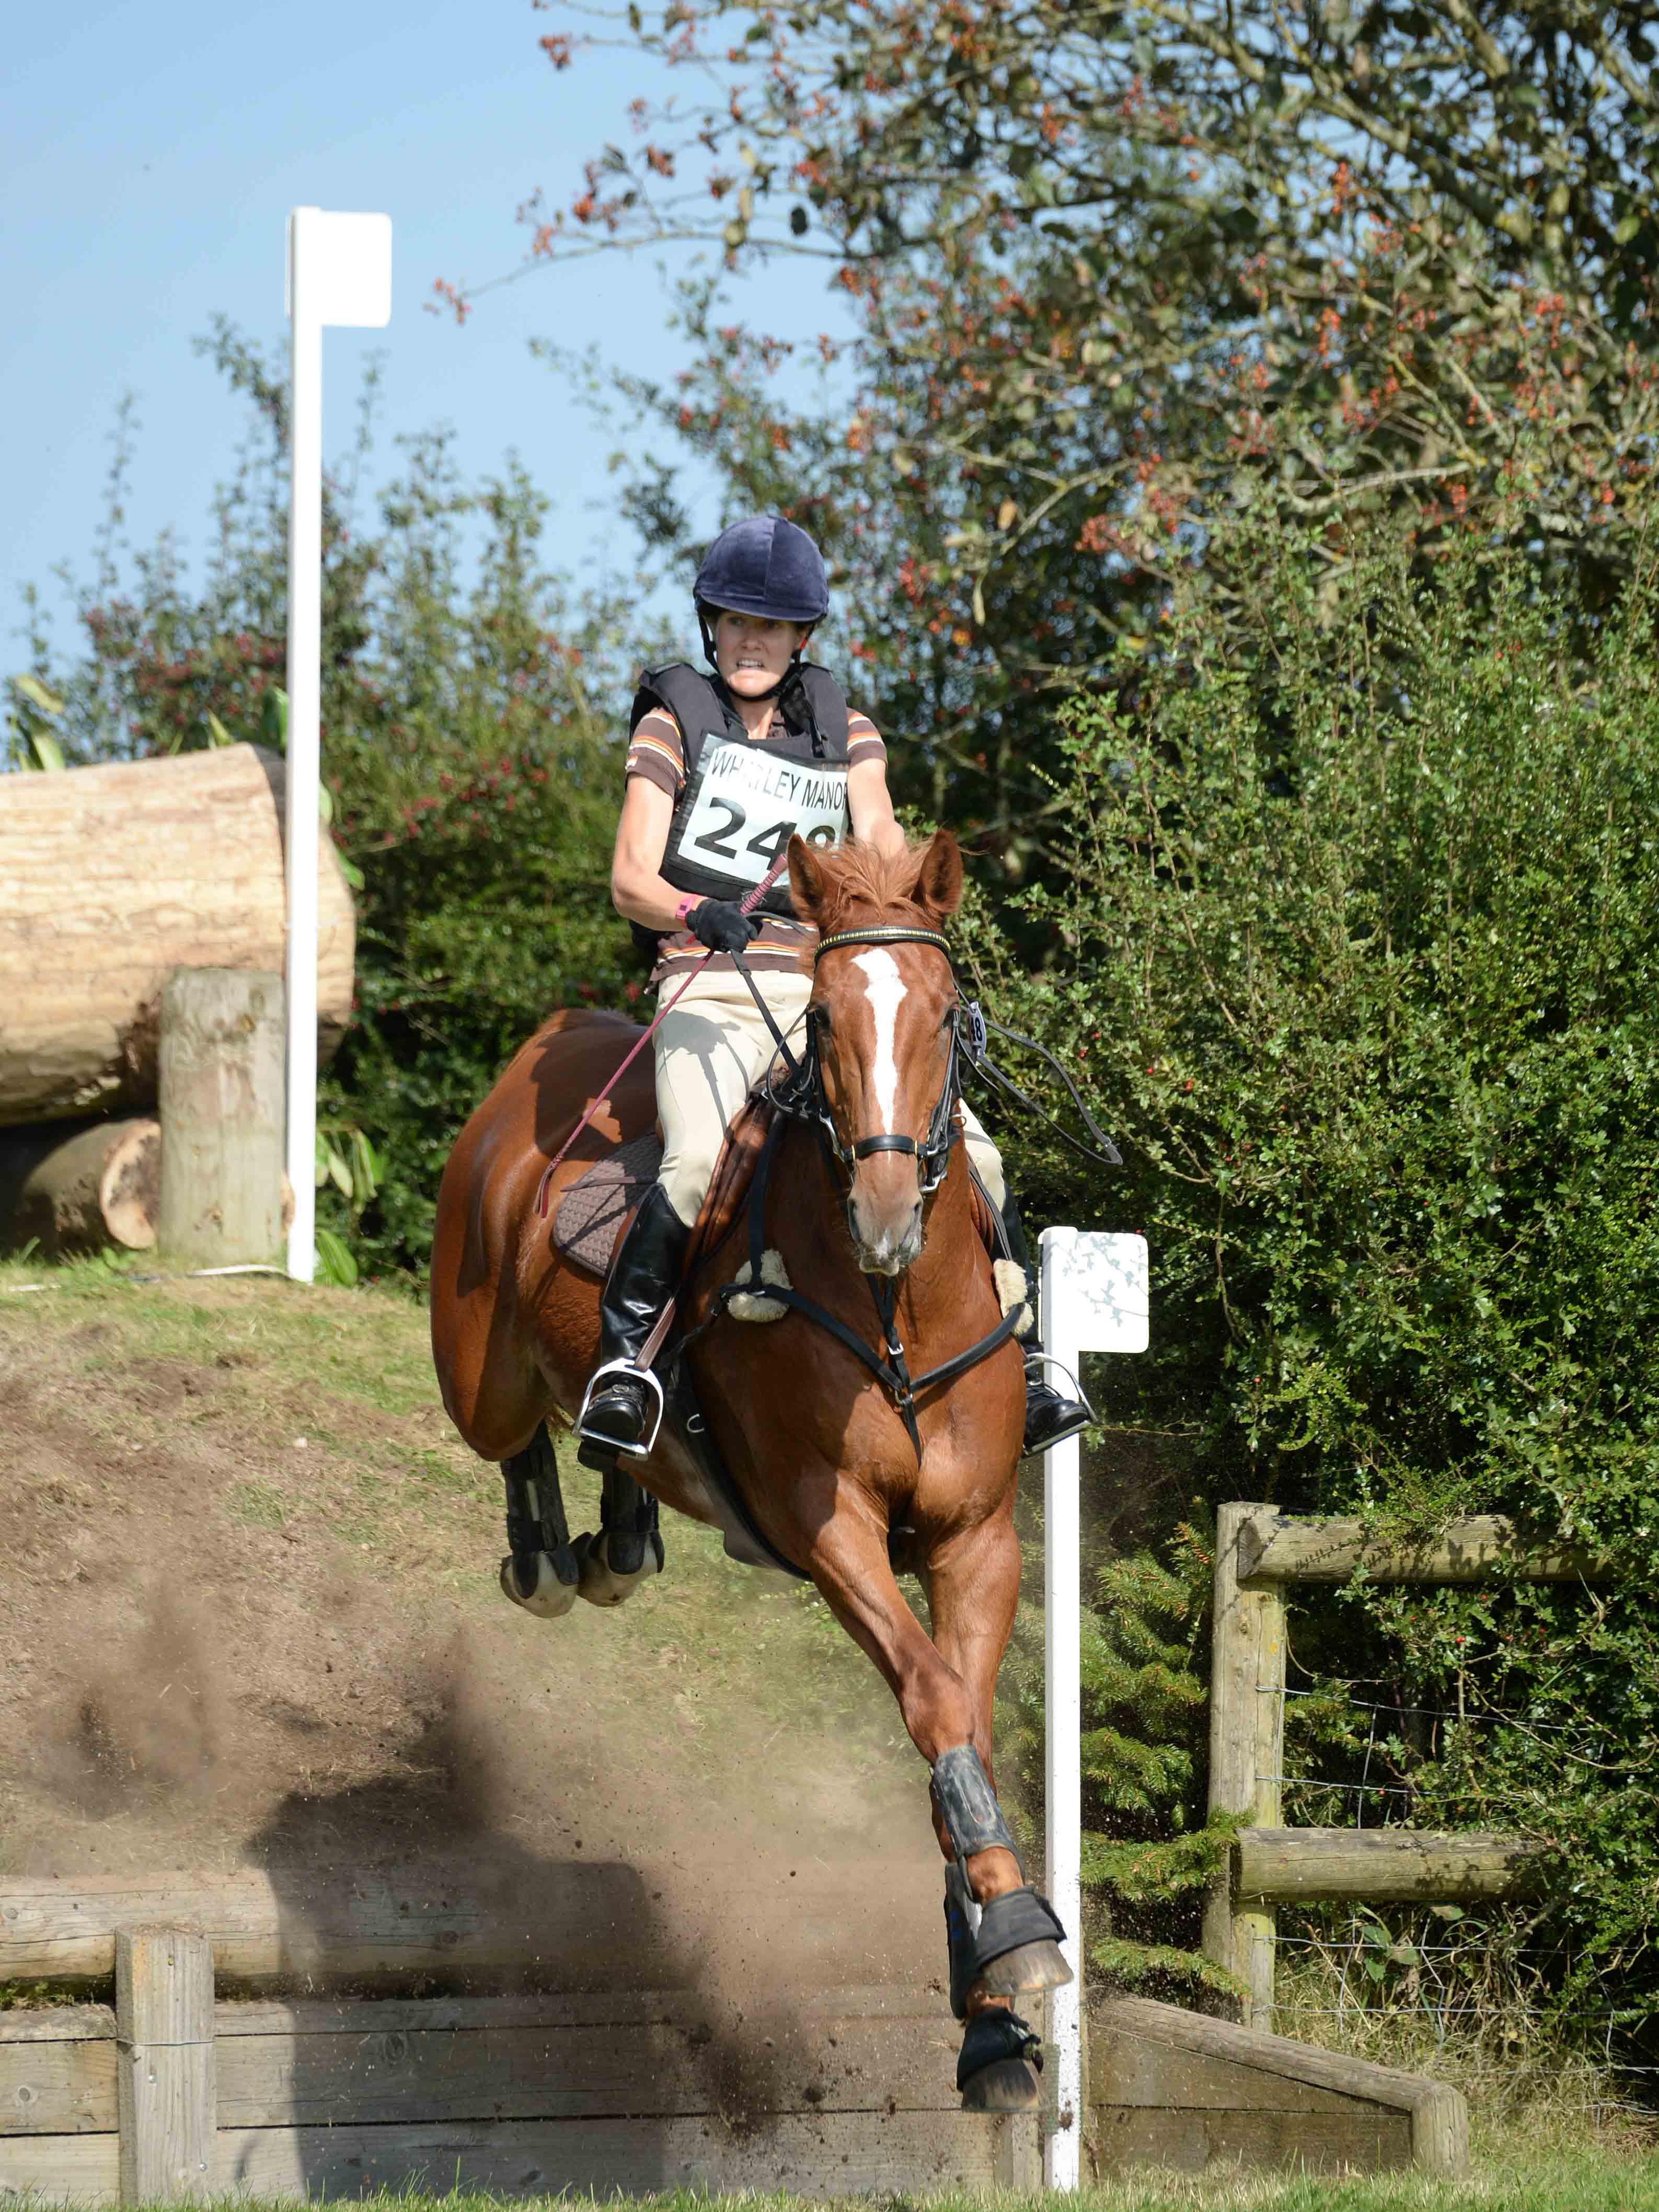 Photo with thanks to www.focusonhorses.com